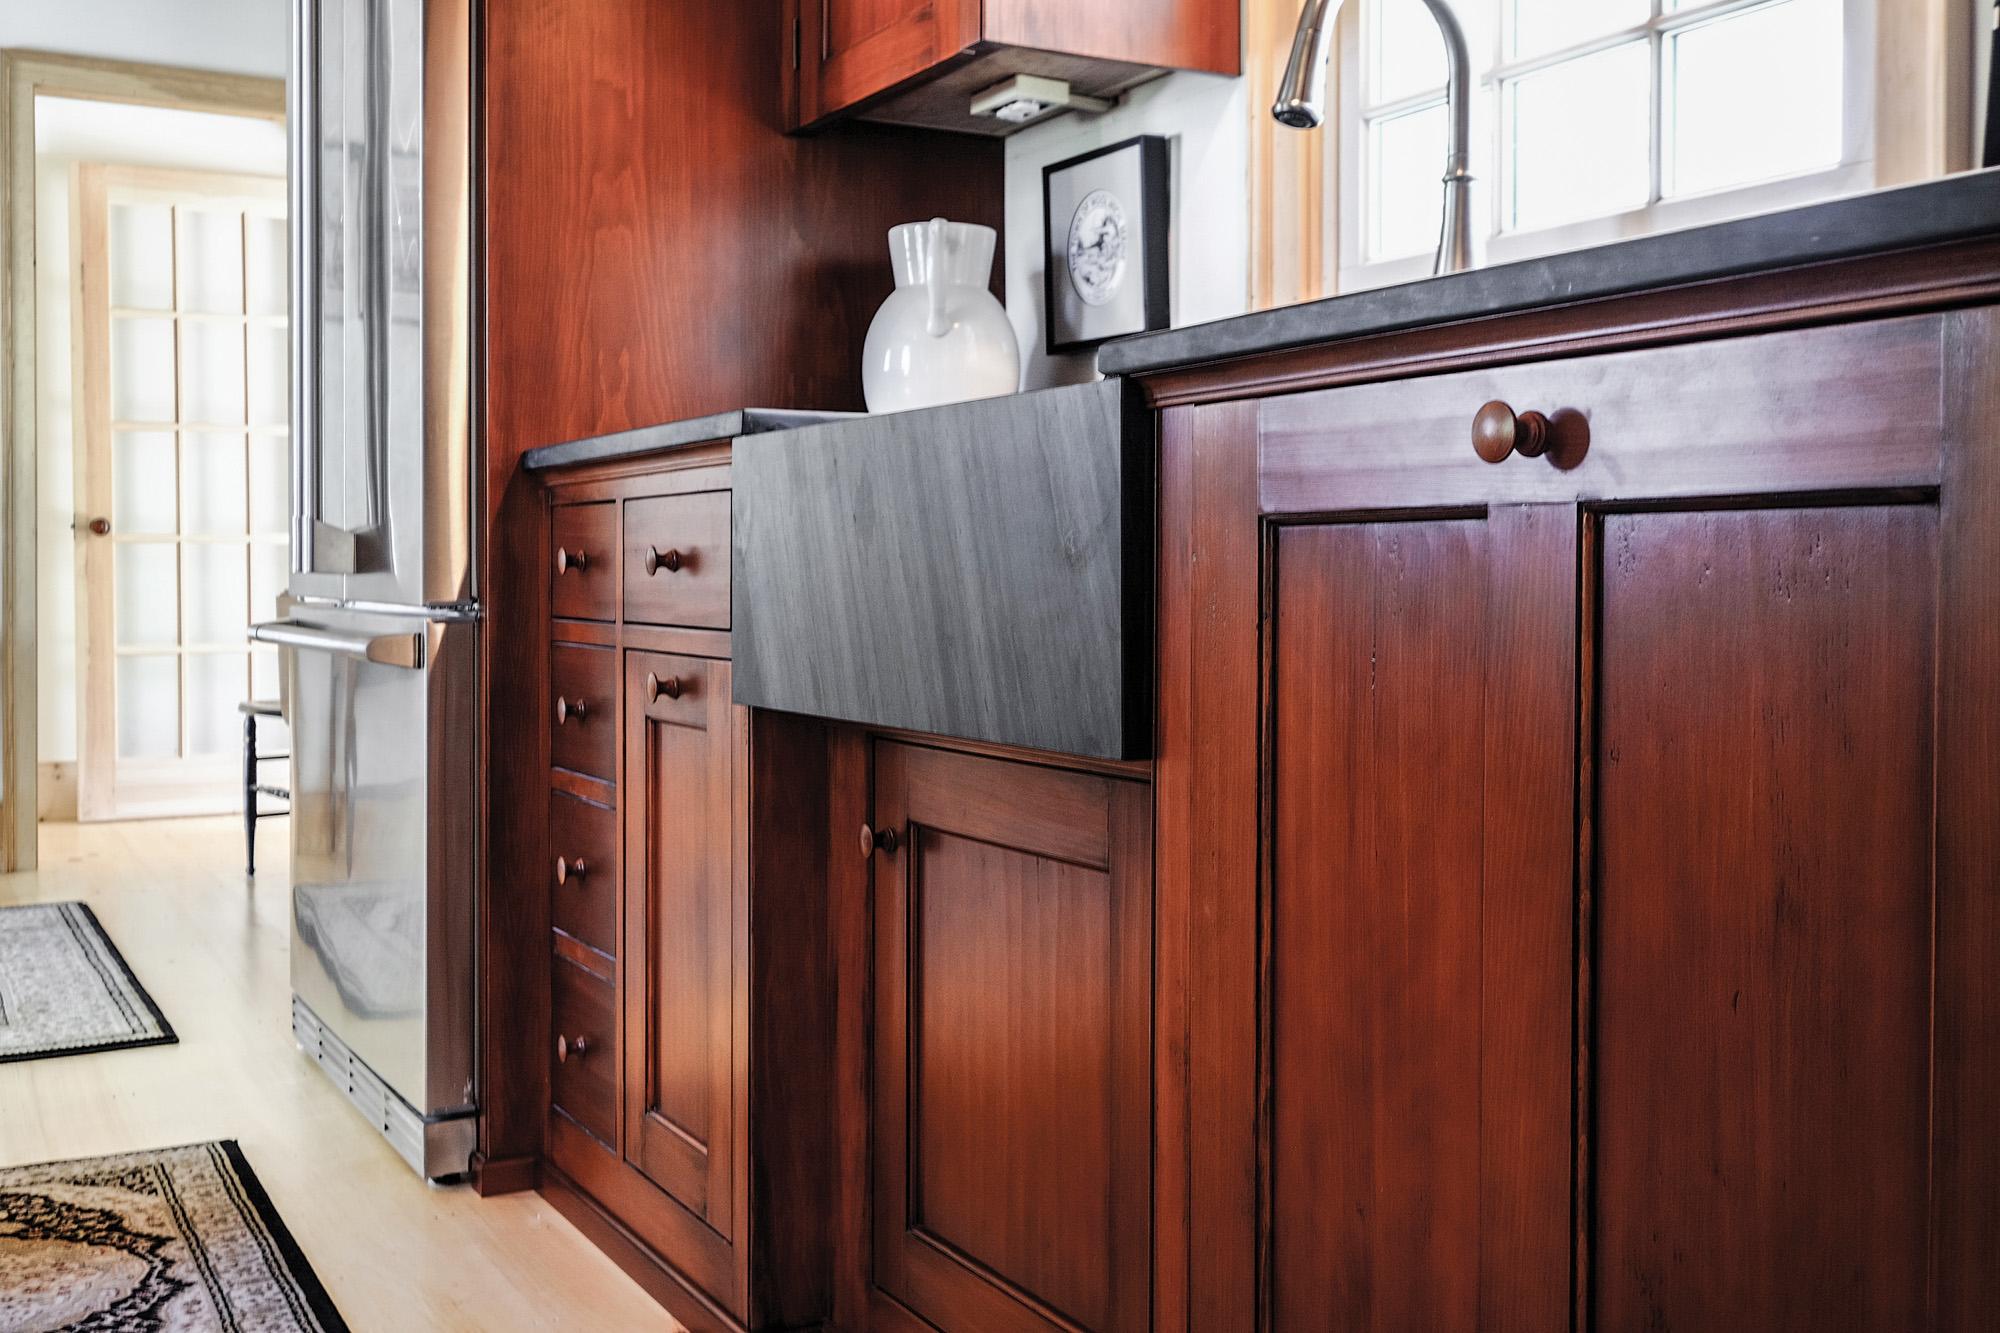 soapstone sink